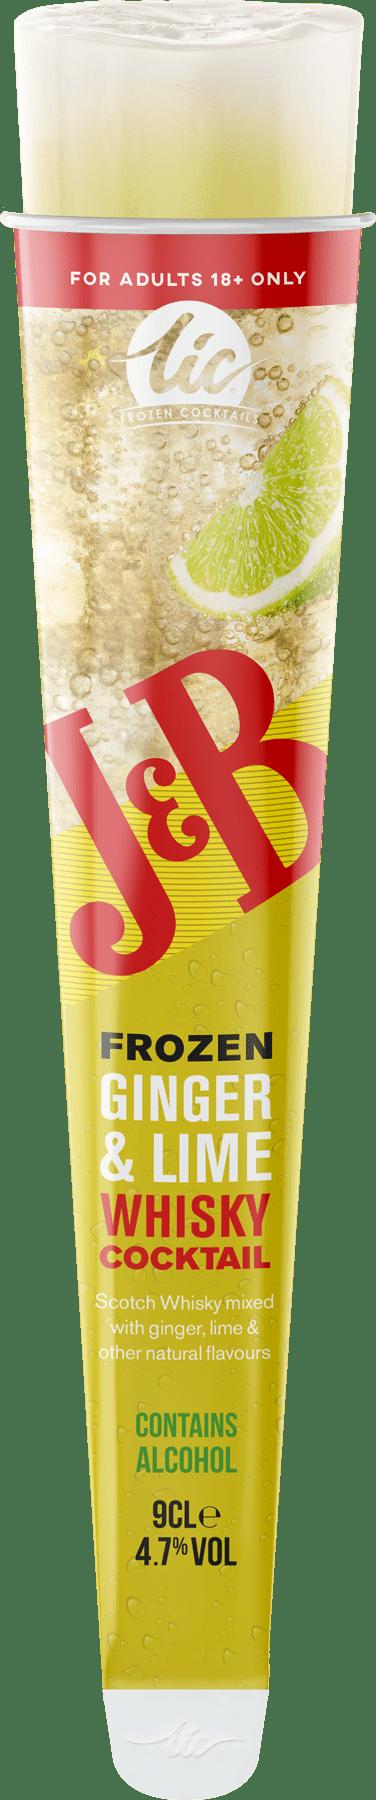 J&B: Ginger & Lime